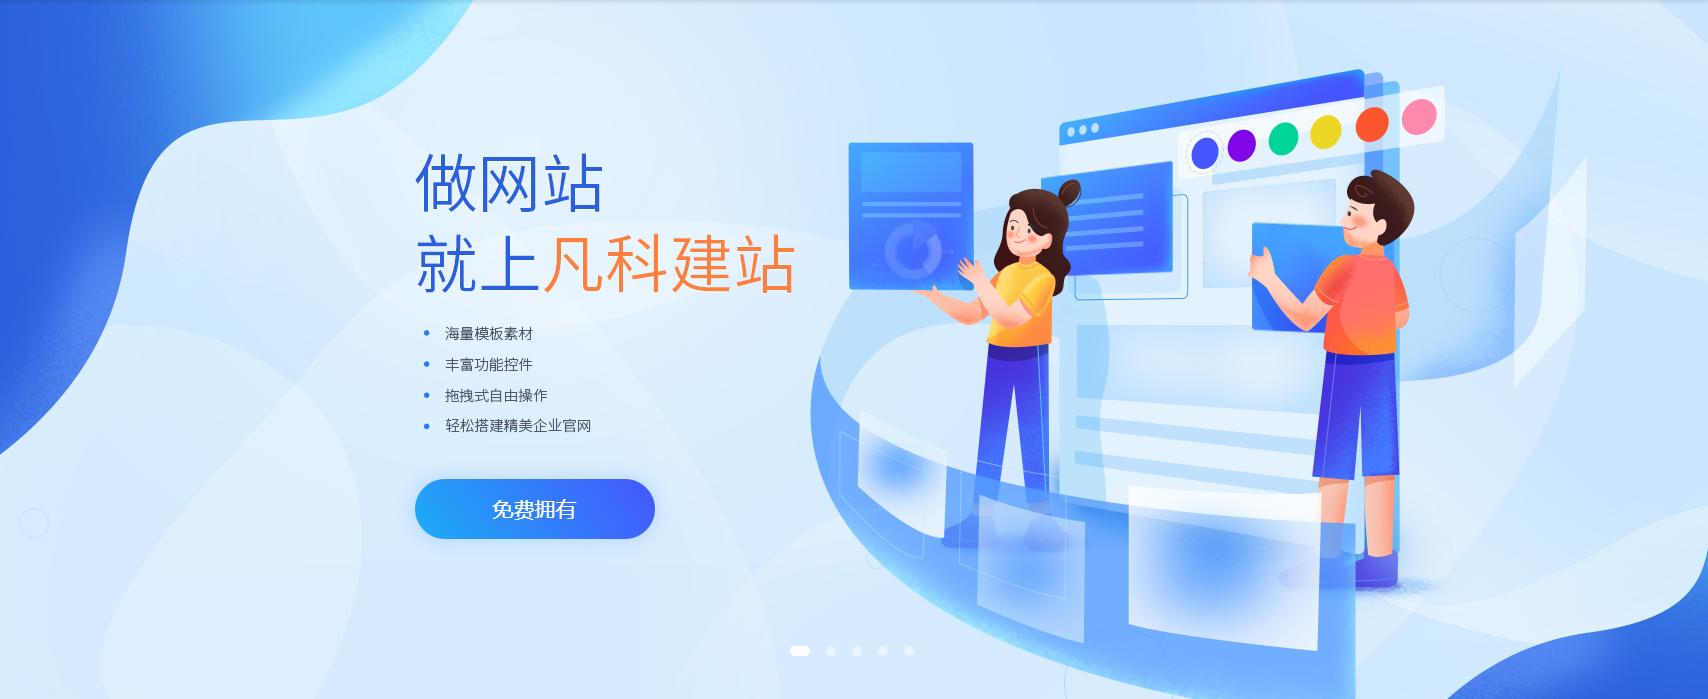 企业网站营销工具